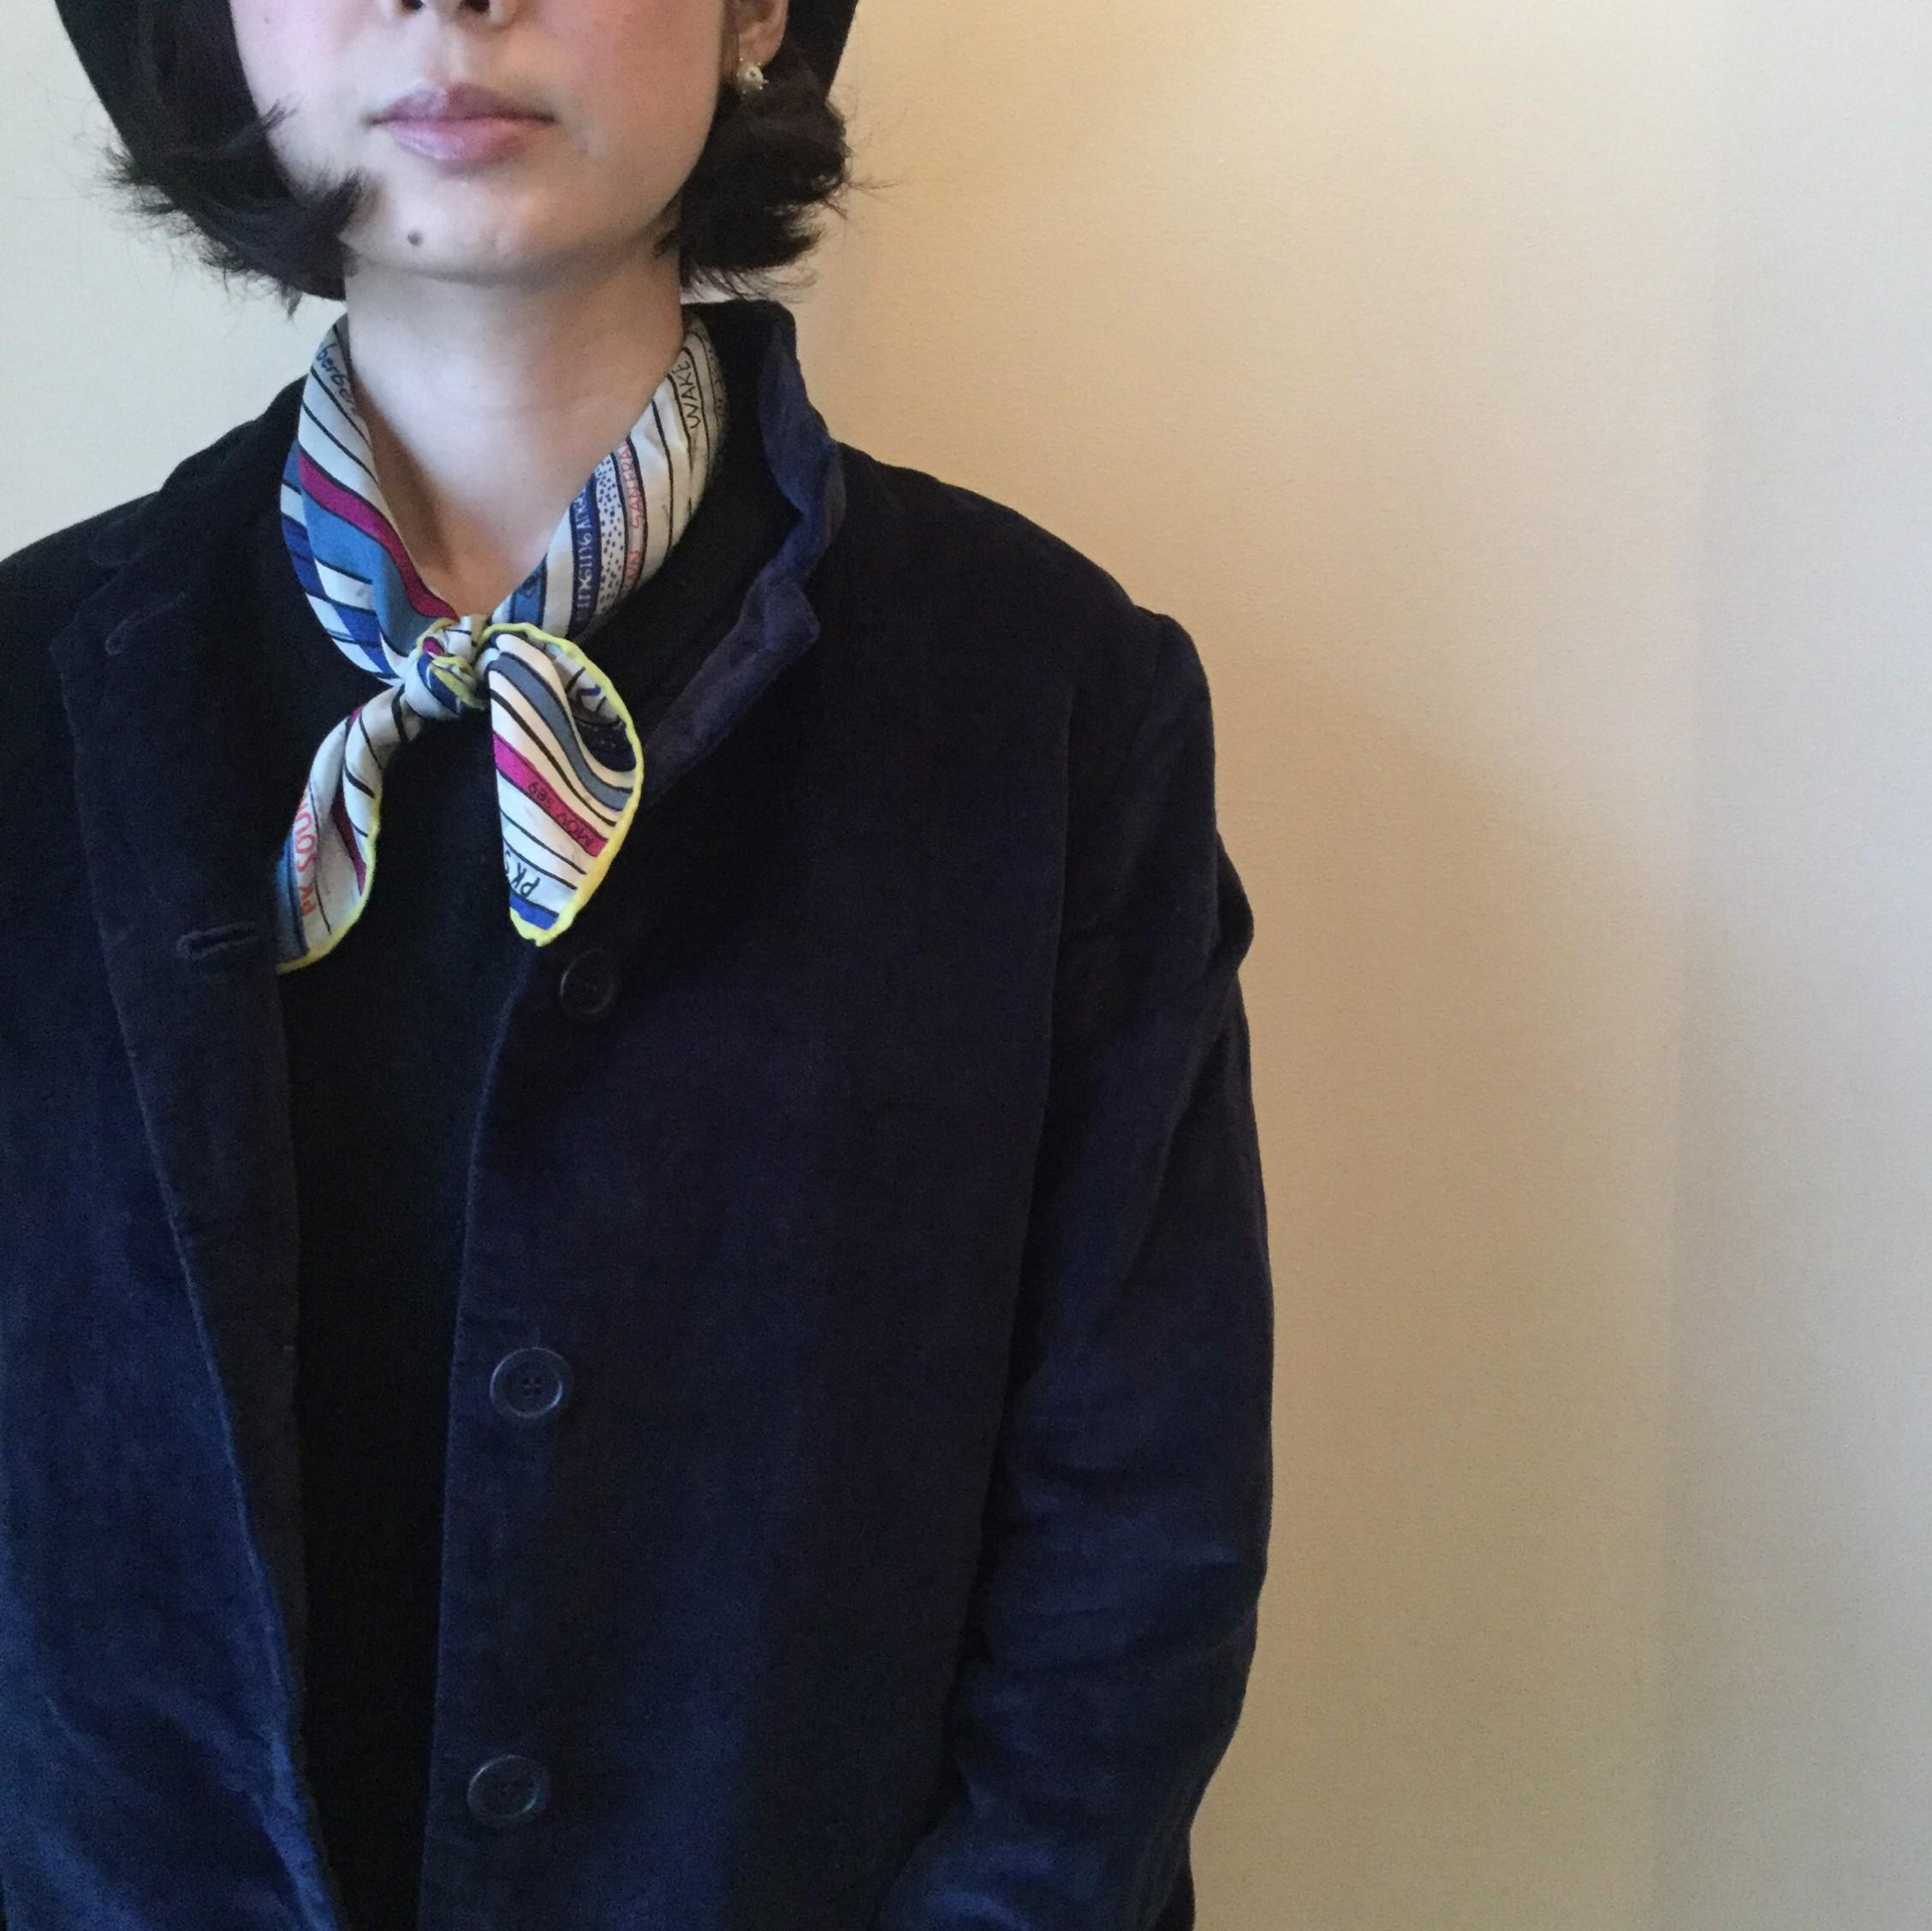 秋冬mii(ミー)の手紡ぎの糸を使用しプリントはすべて手作業のシルクスカーフです